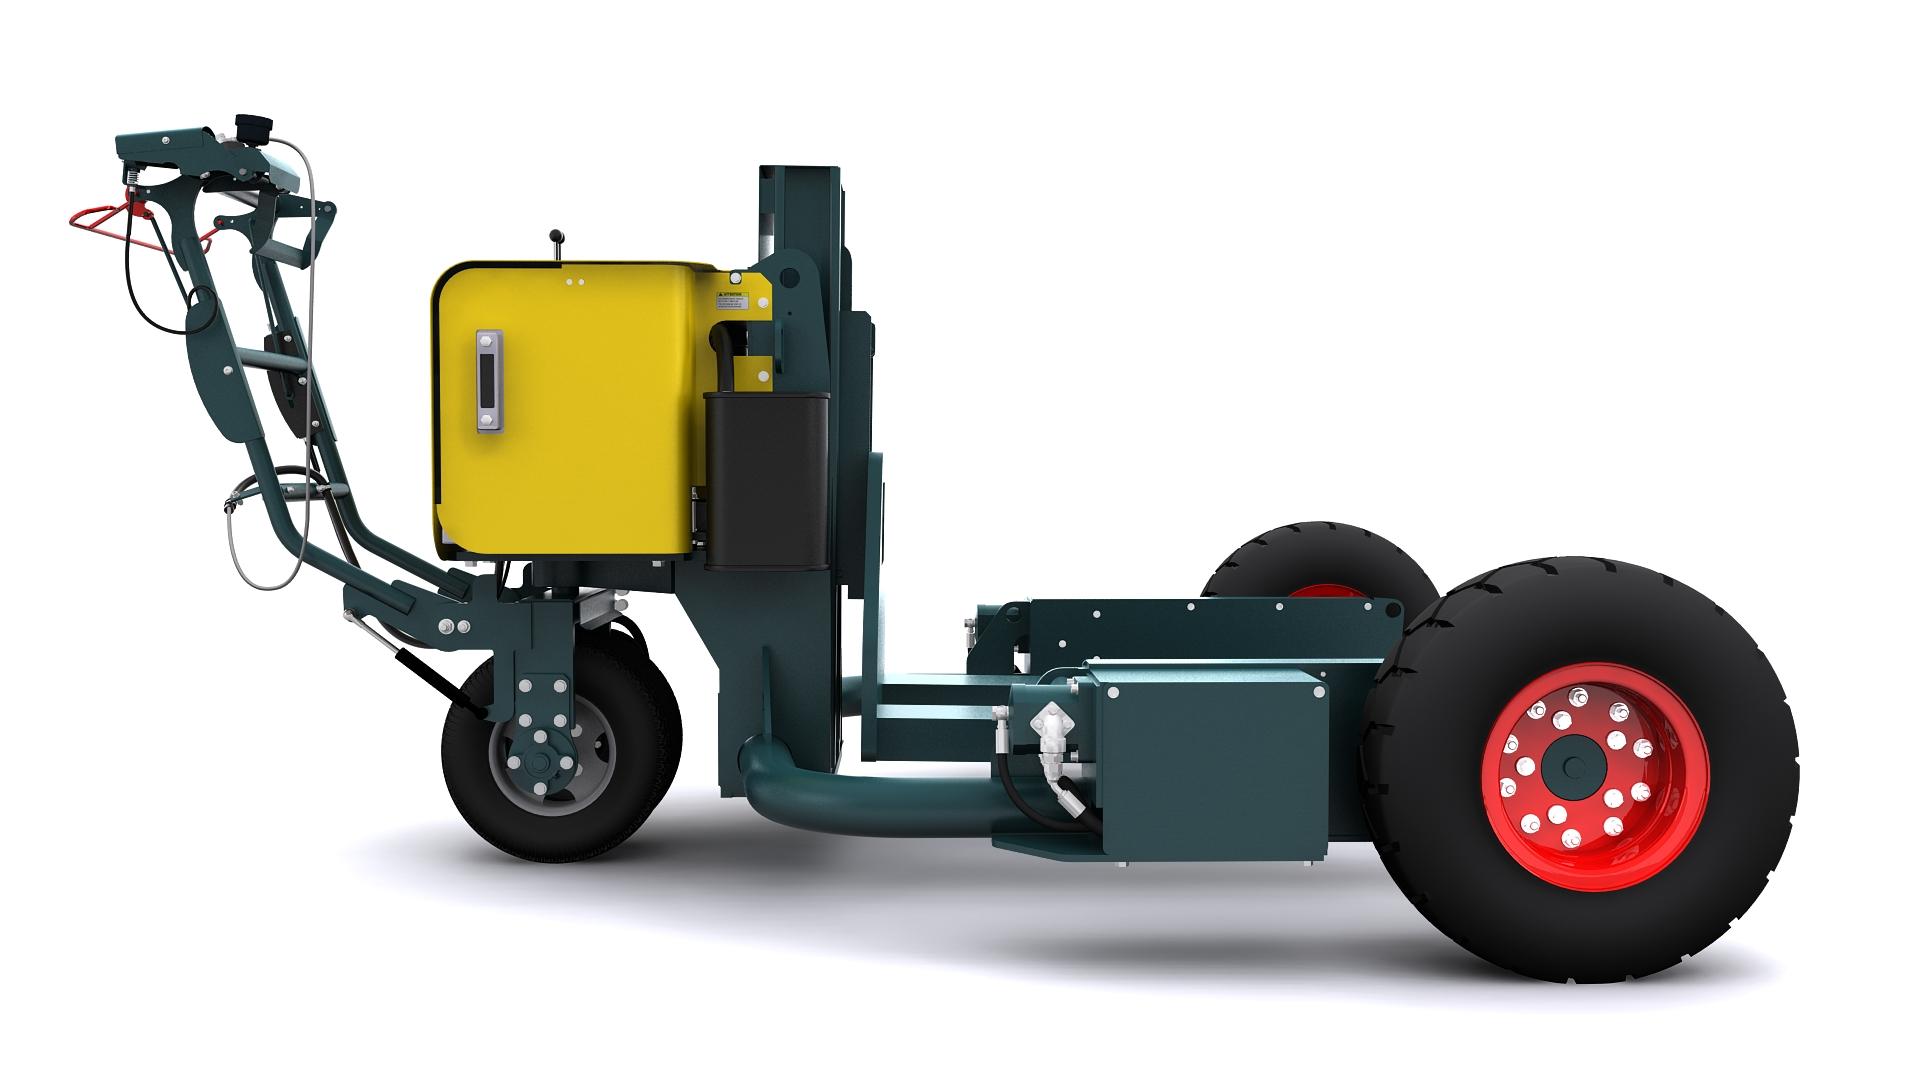 C12-04 - Standard chantier B0017